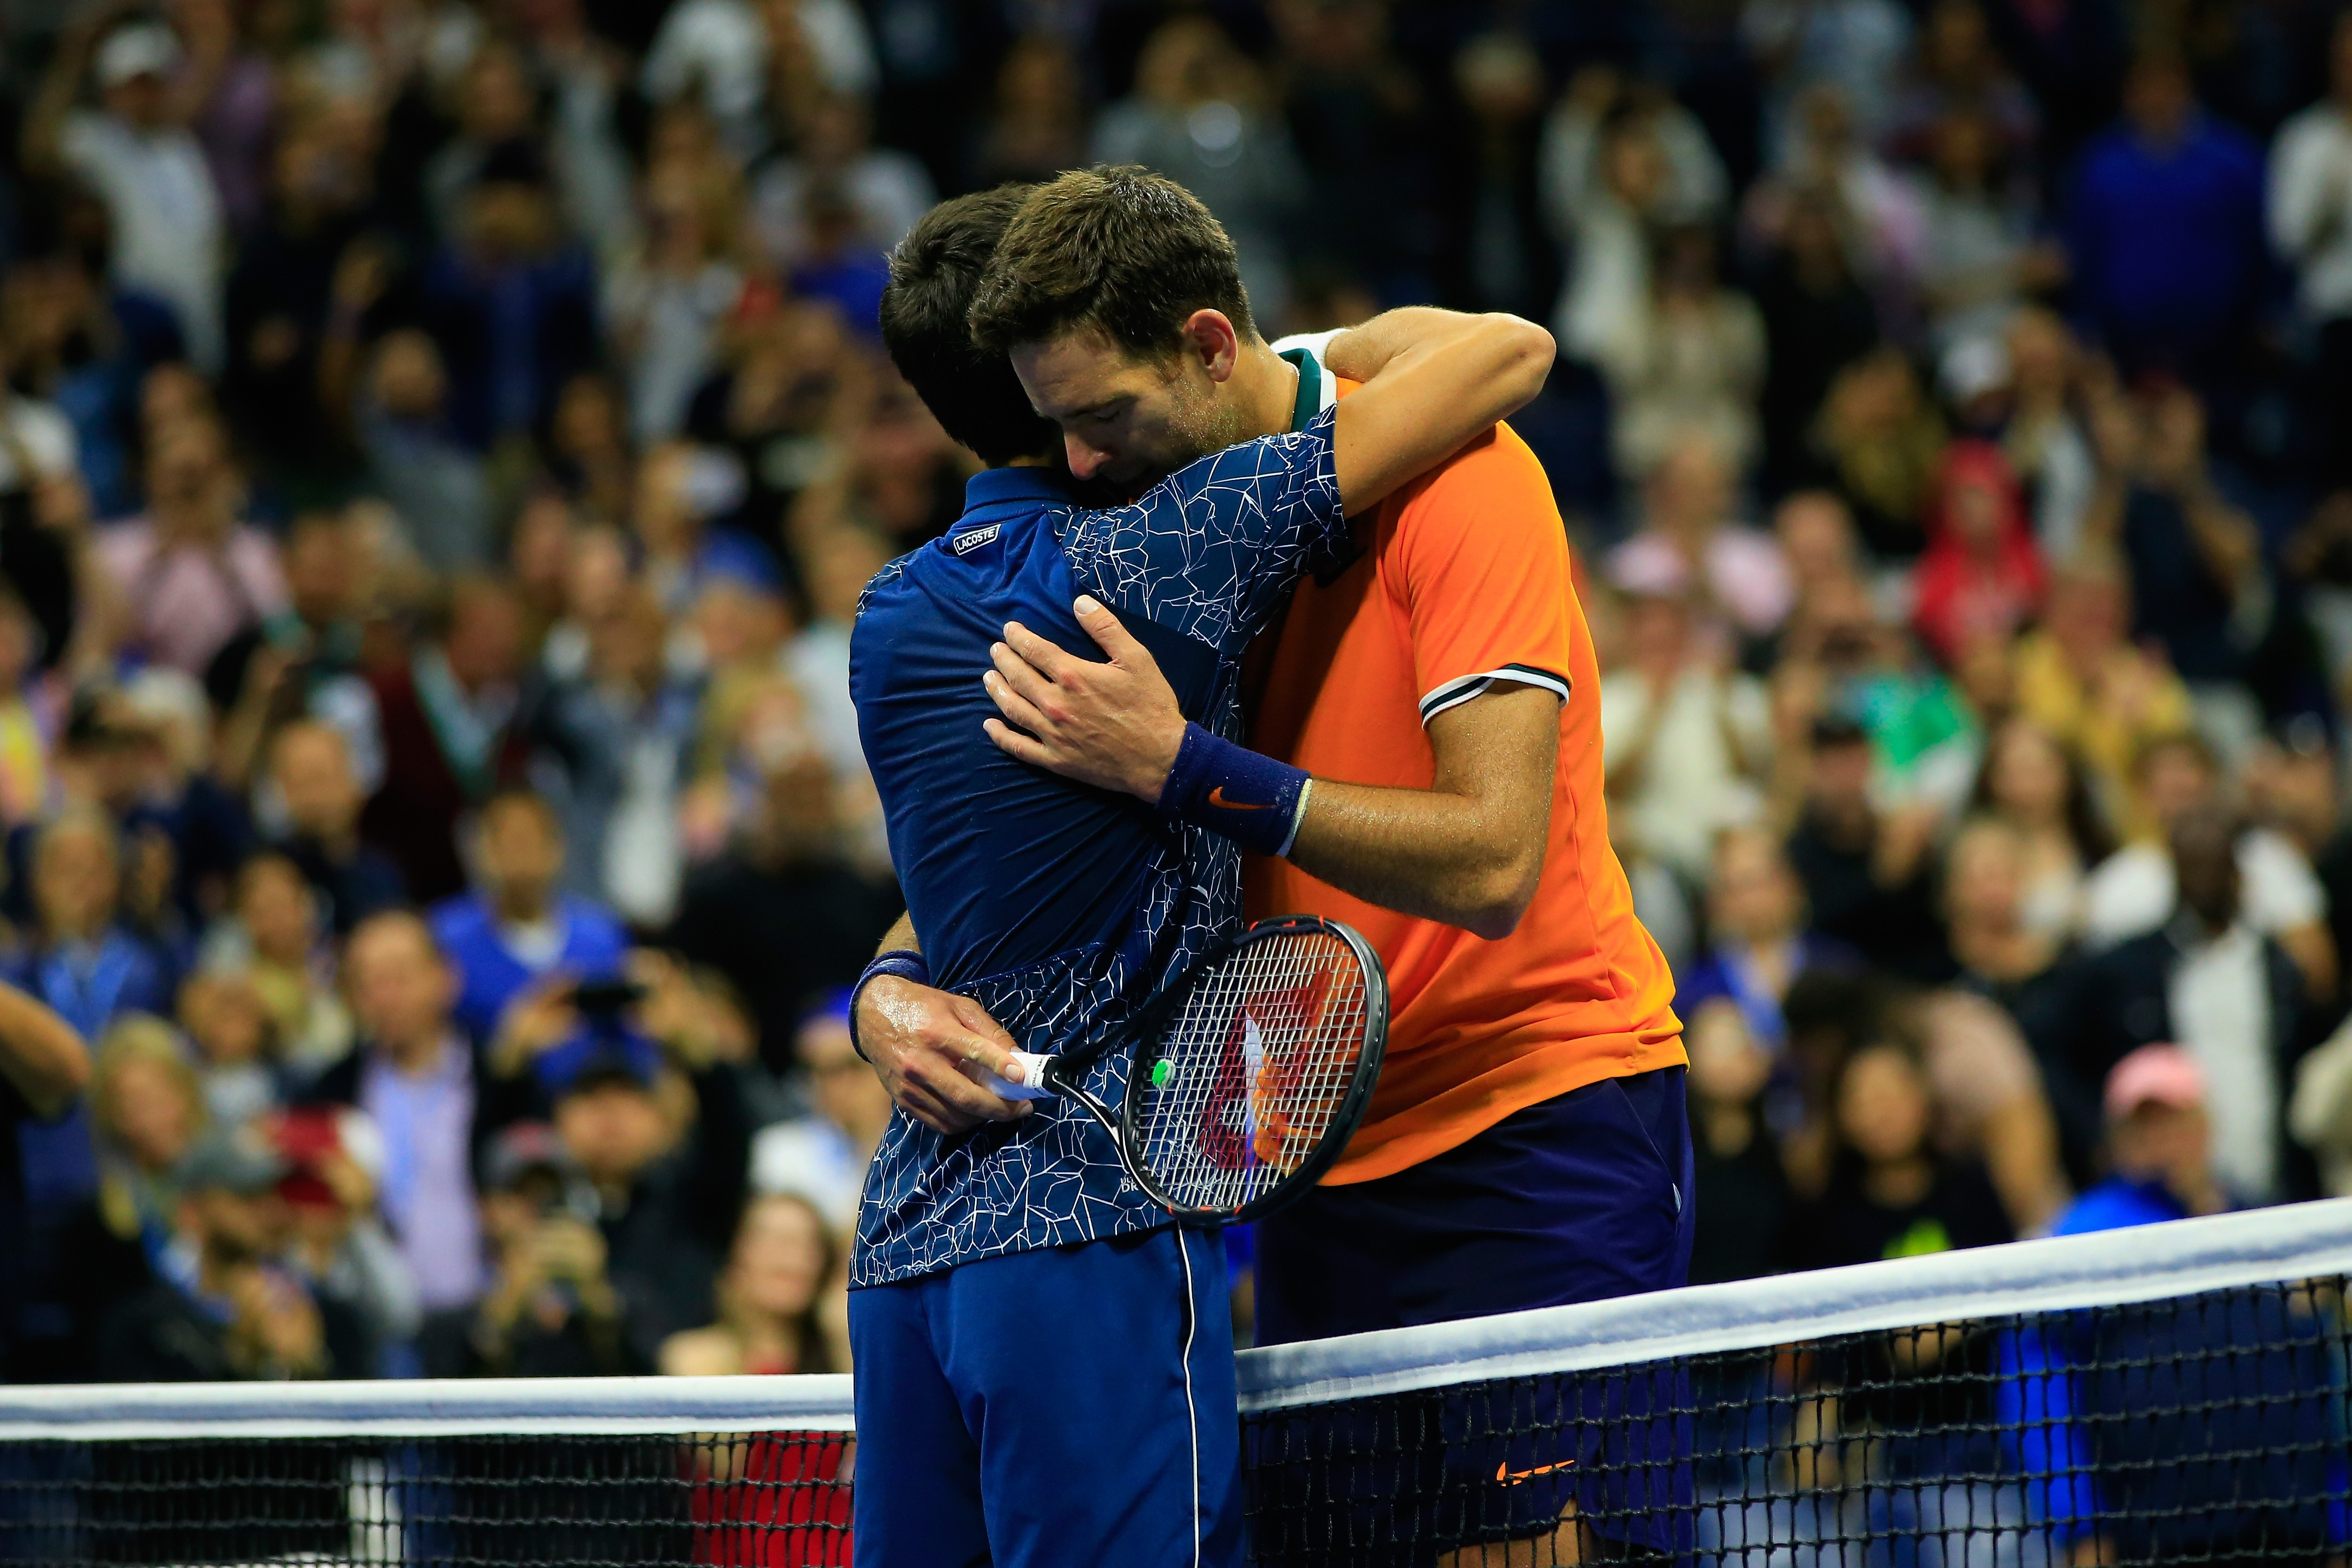 Novak Djokovic of Serbia is congratulated on his win by Juan Martin del Potro